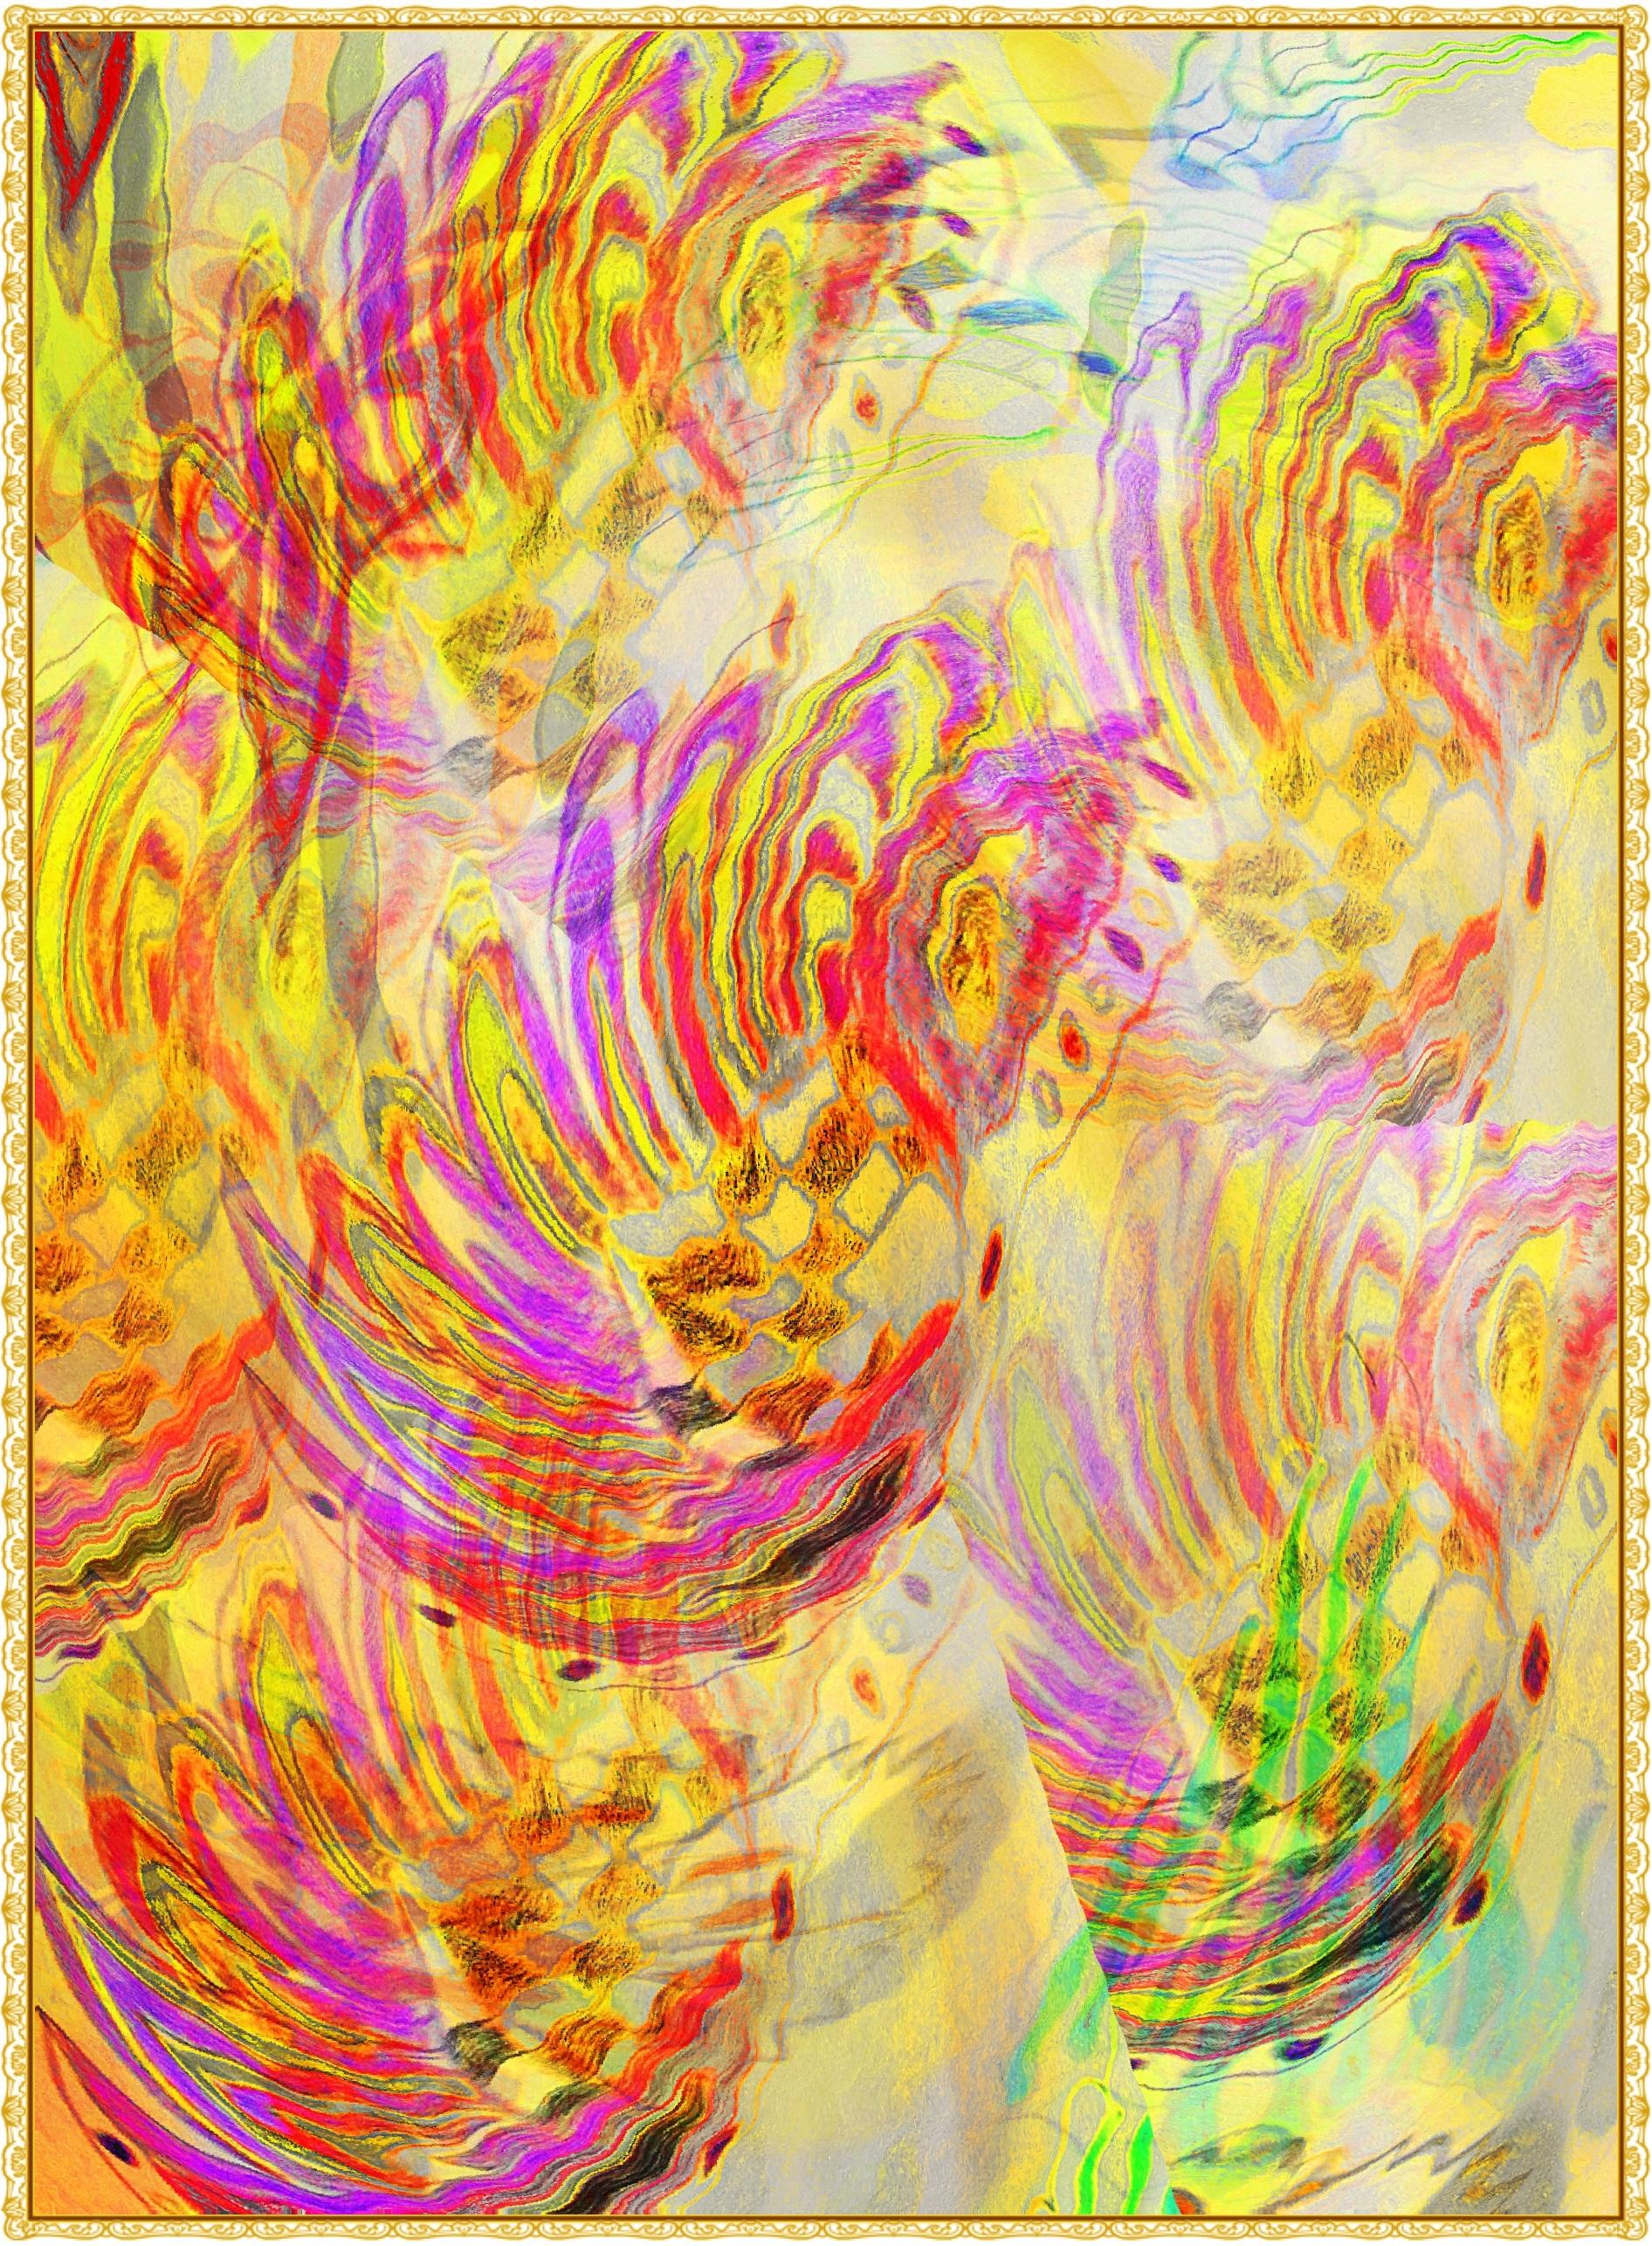 93 Gambar Abstrak Warna Warni